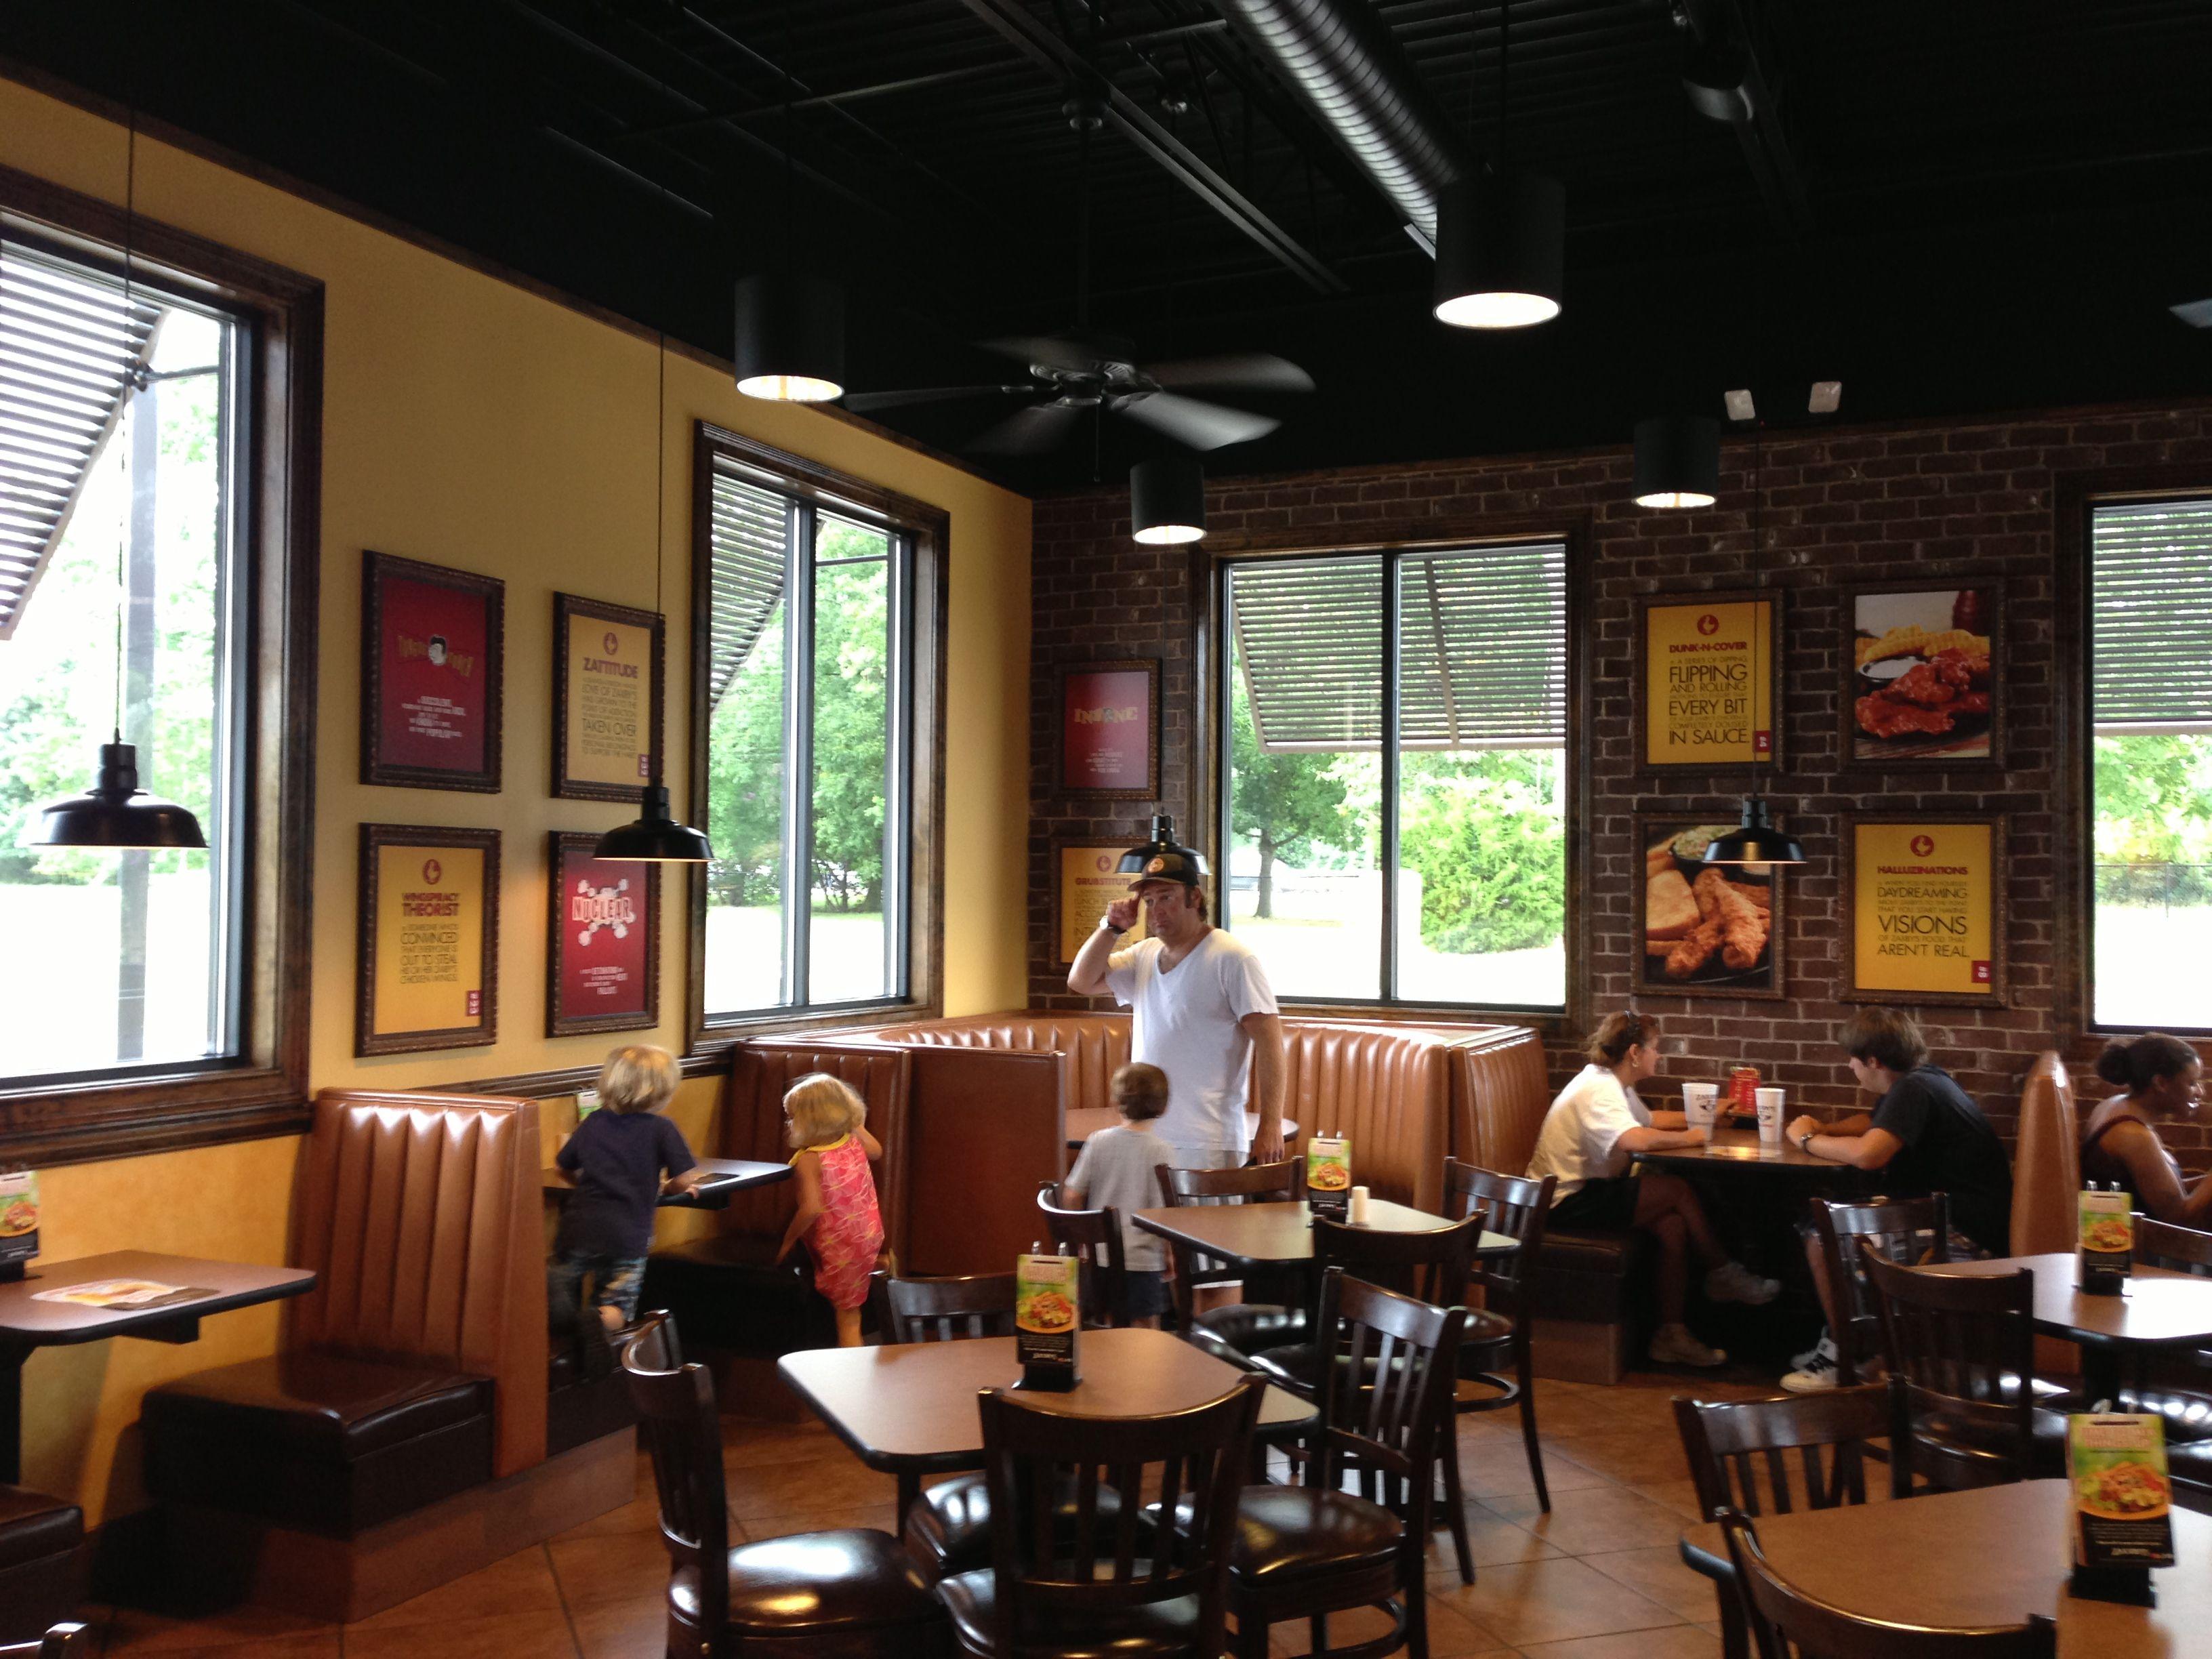 Zaxby's interior Restaurant design, Restaurant decor, Decor